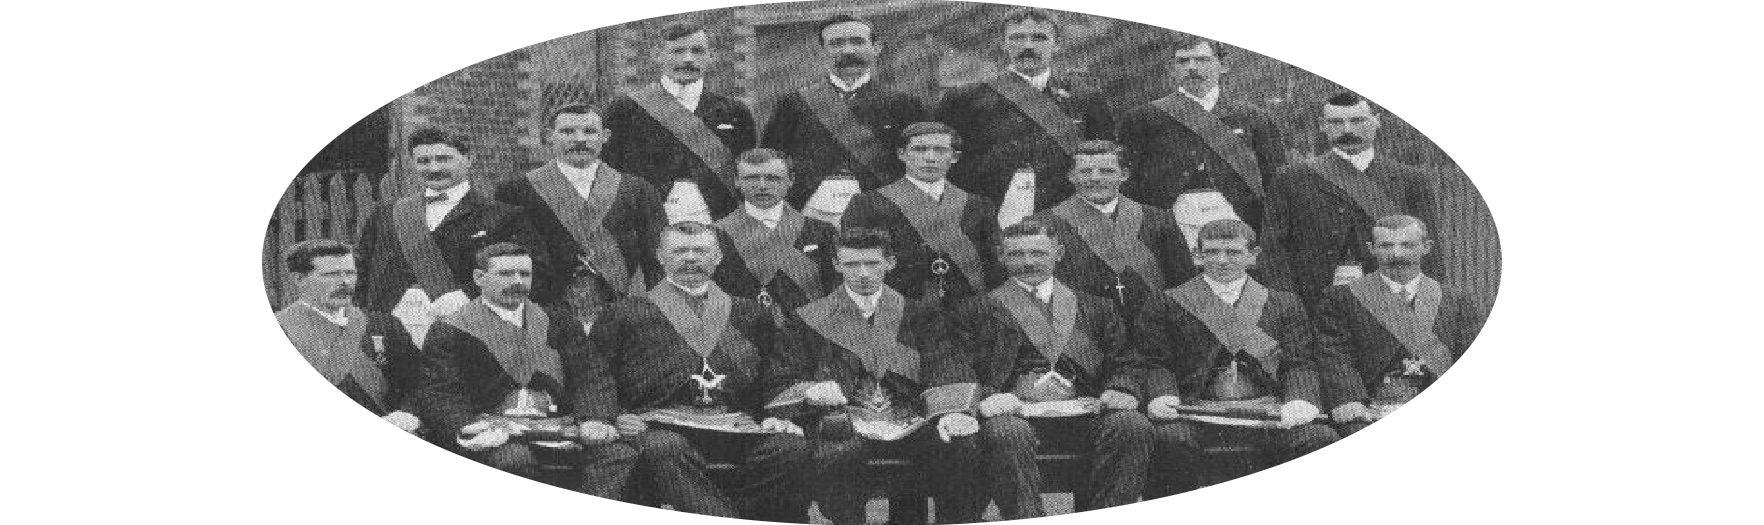 Lodge Coltswood Glenboig No.1067